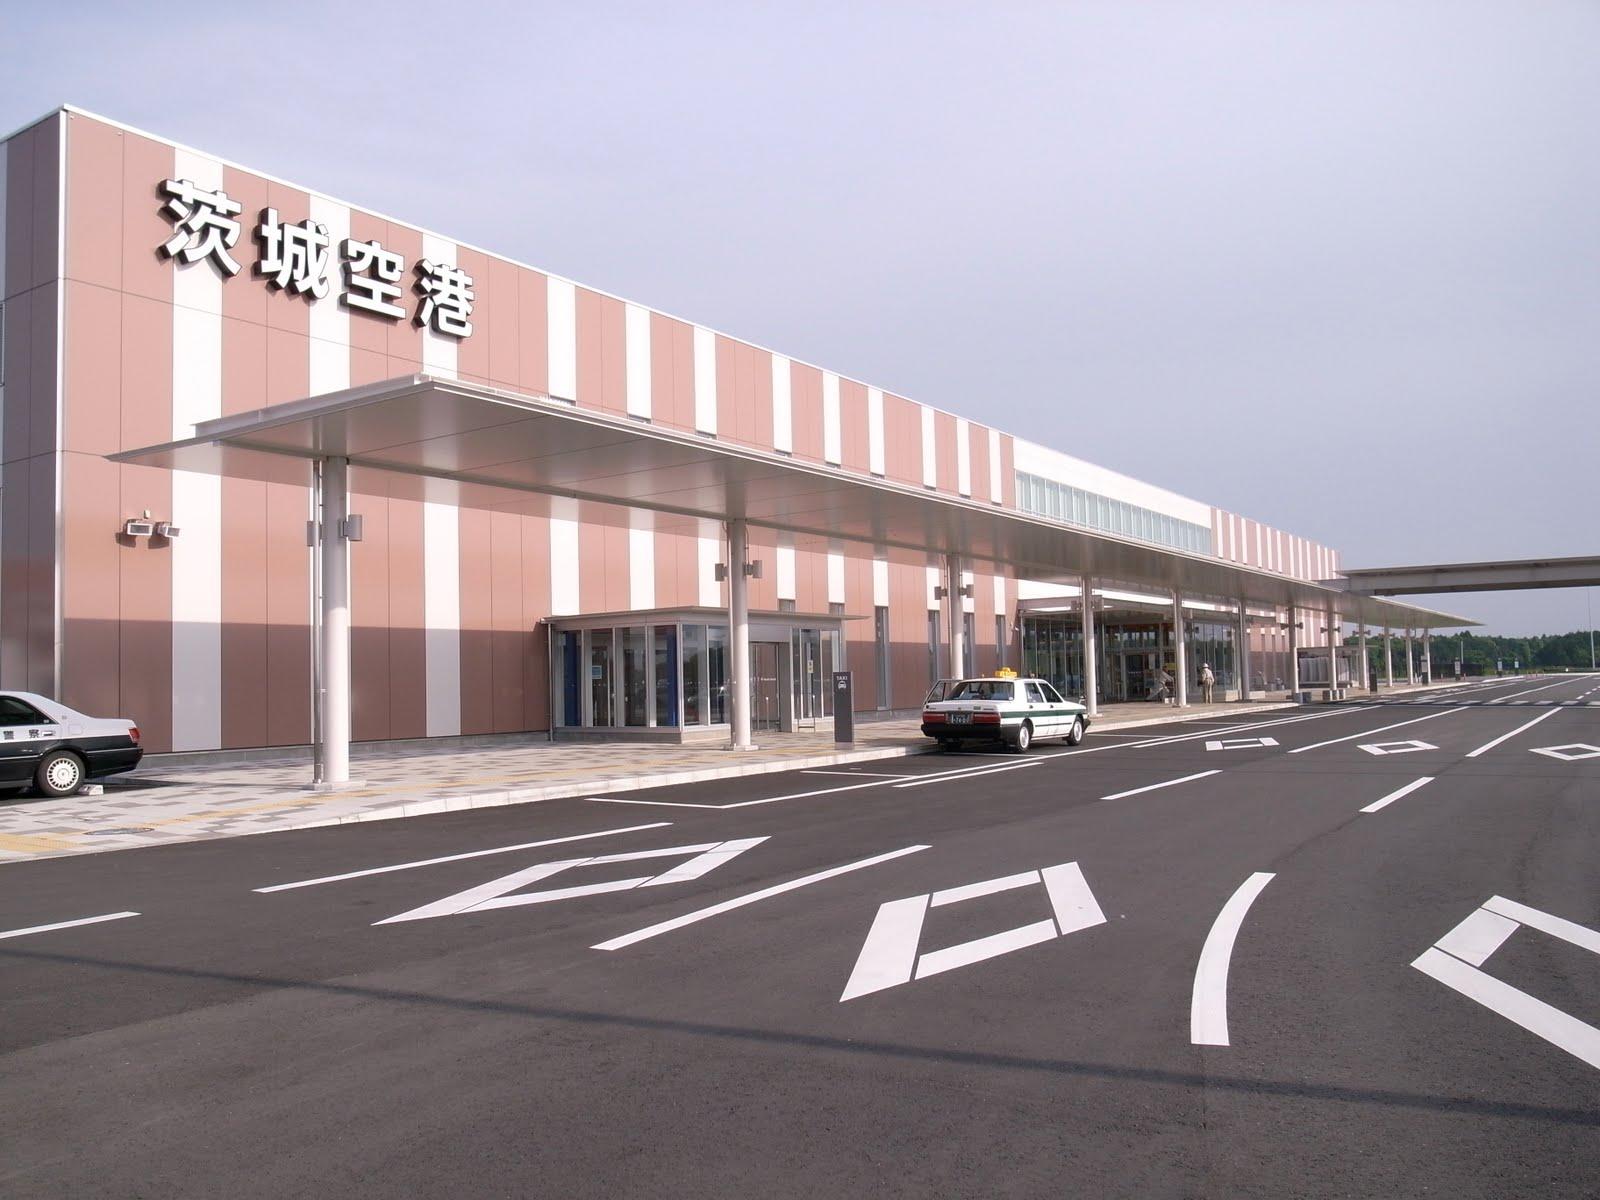 「茨城空港」の画像検索結果